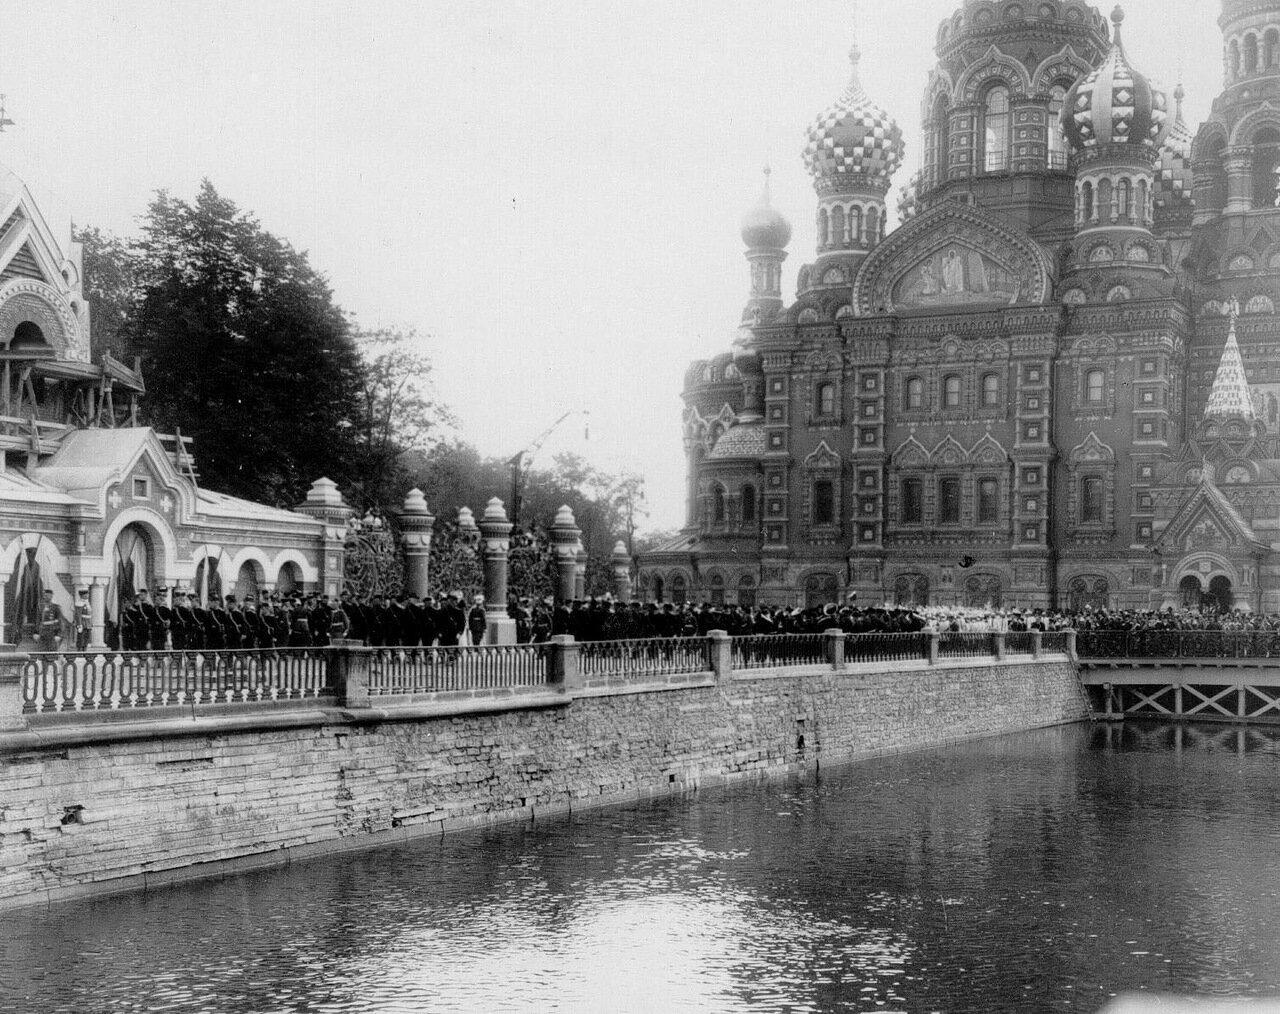 31.Колонна пеших казаков проходит по набережной Екатерининского канала после окончания освящения храма